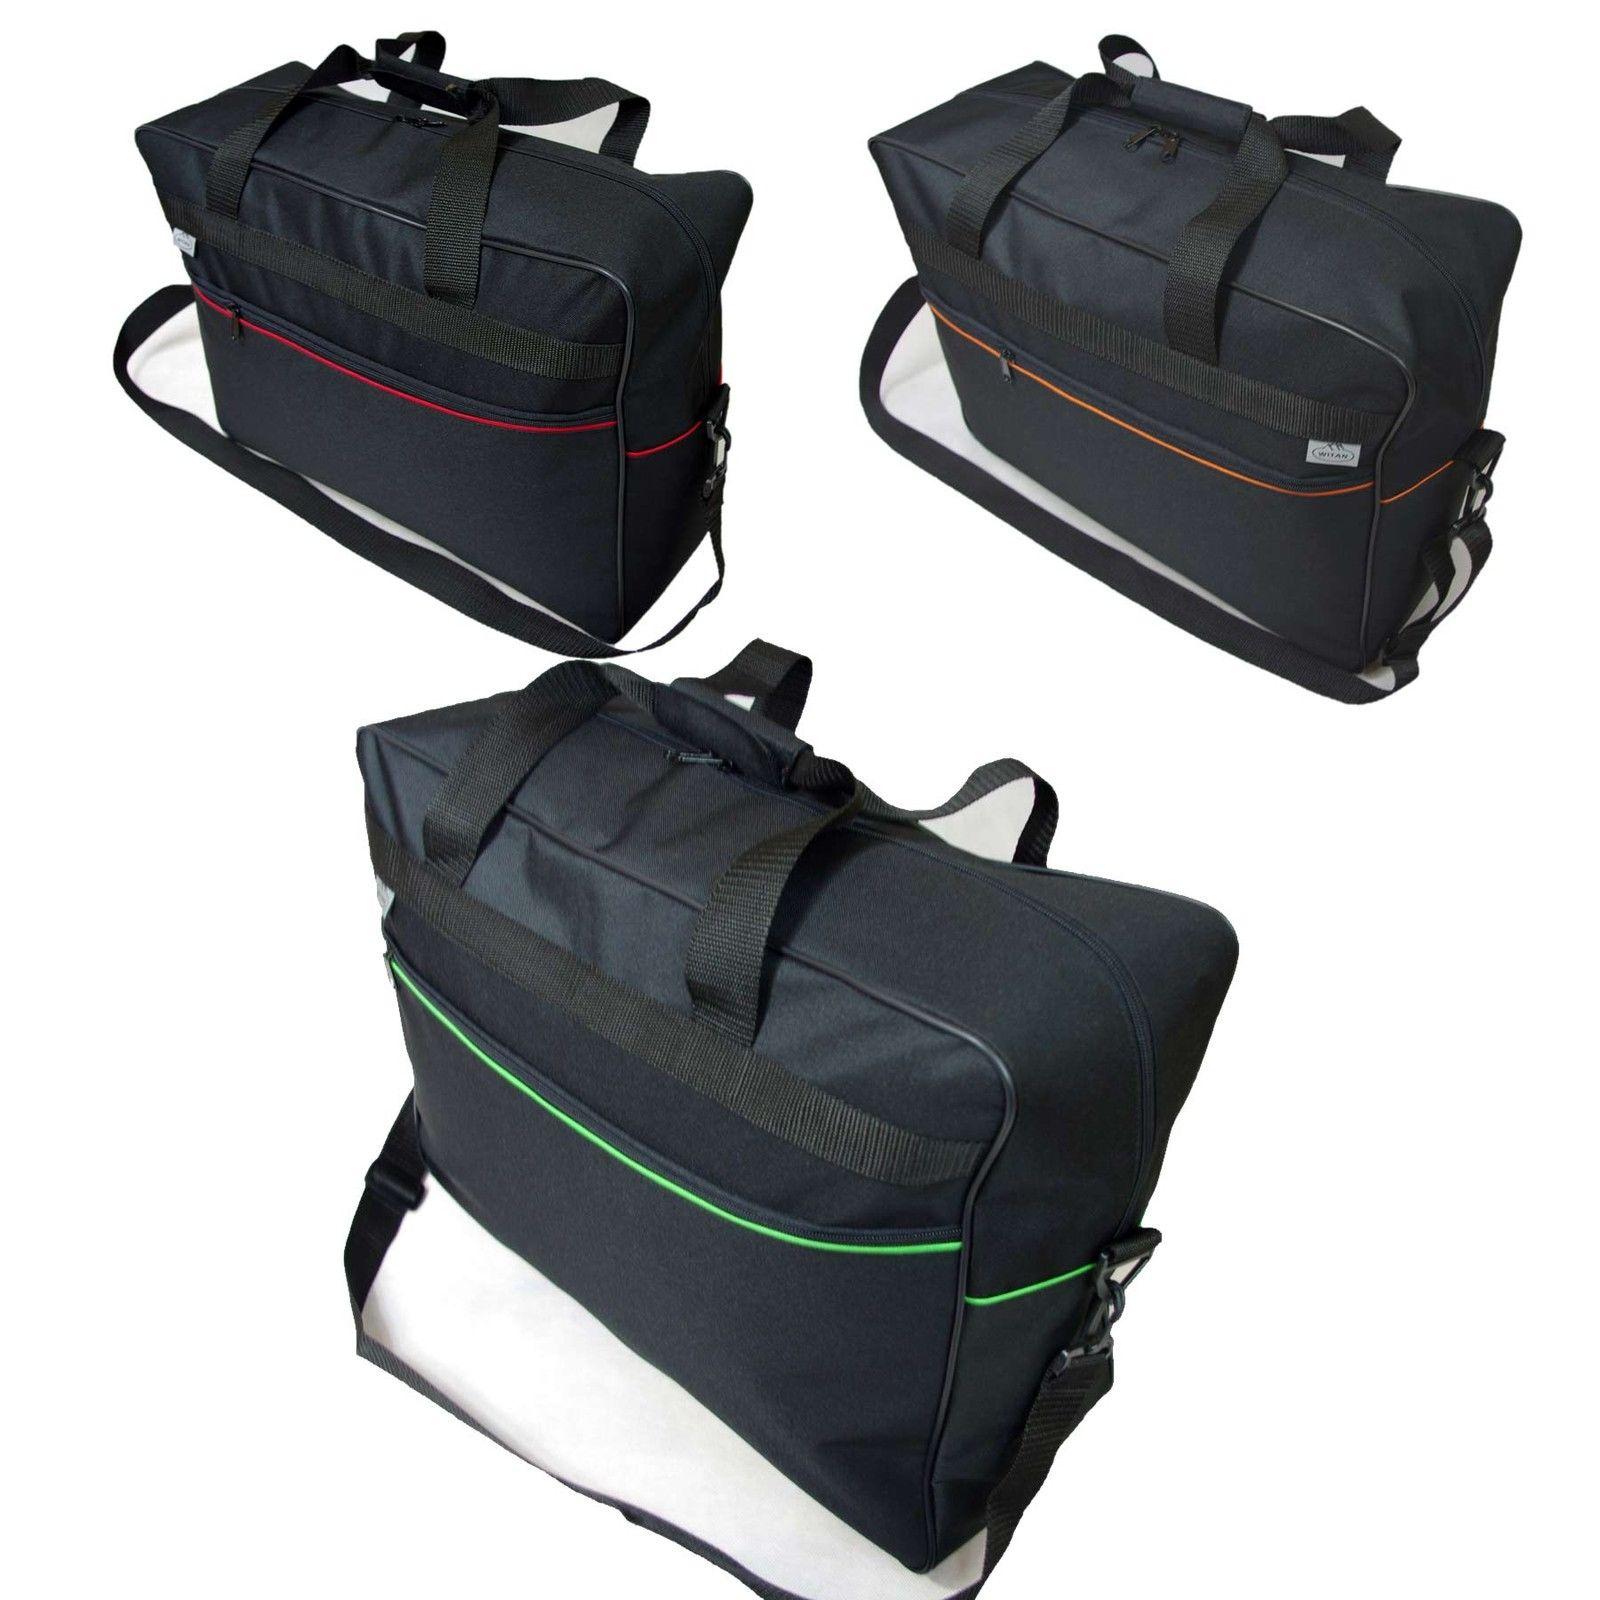 HANDGEPÄCK 55 x 40 x 20 cm Boardgepäck Bordcase Koffer Reisetasche SCHWARZ +